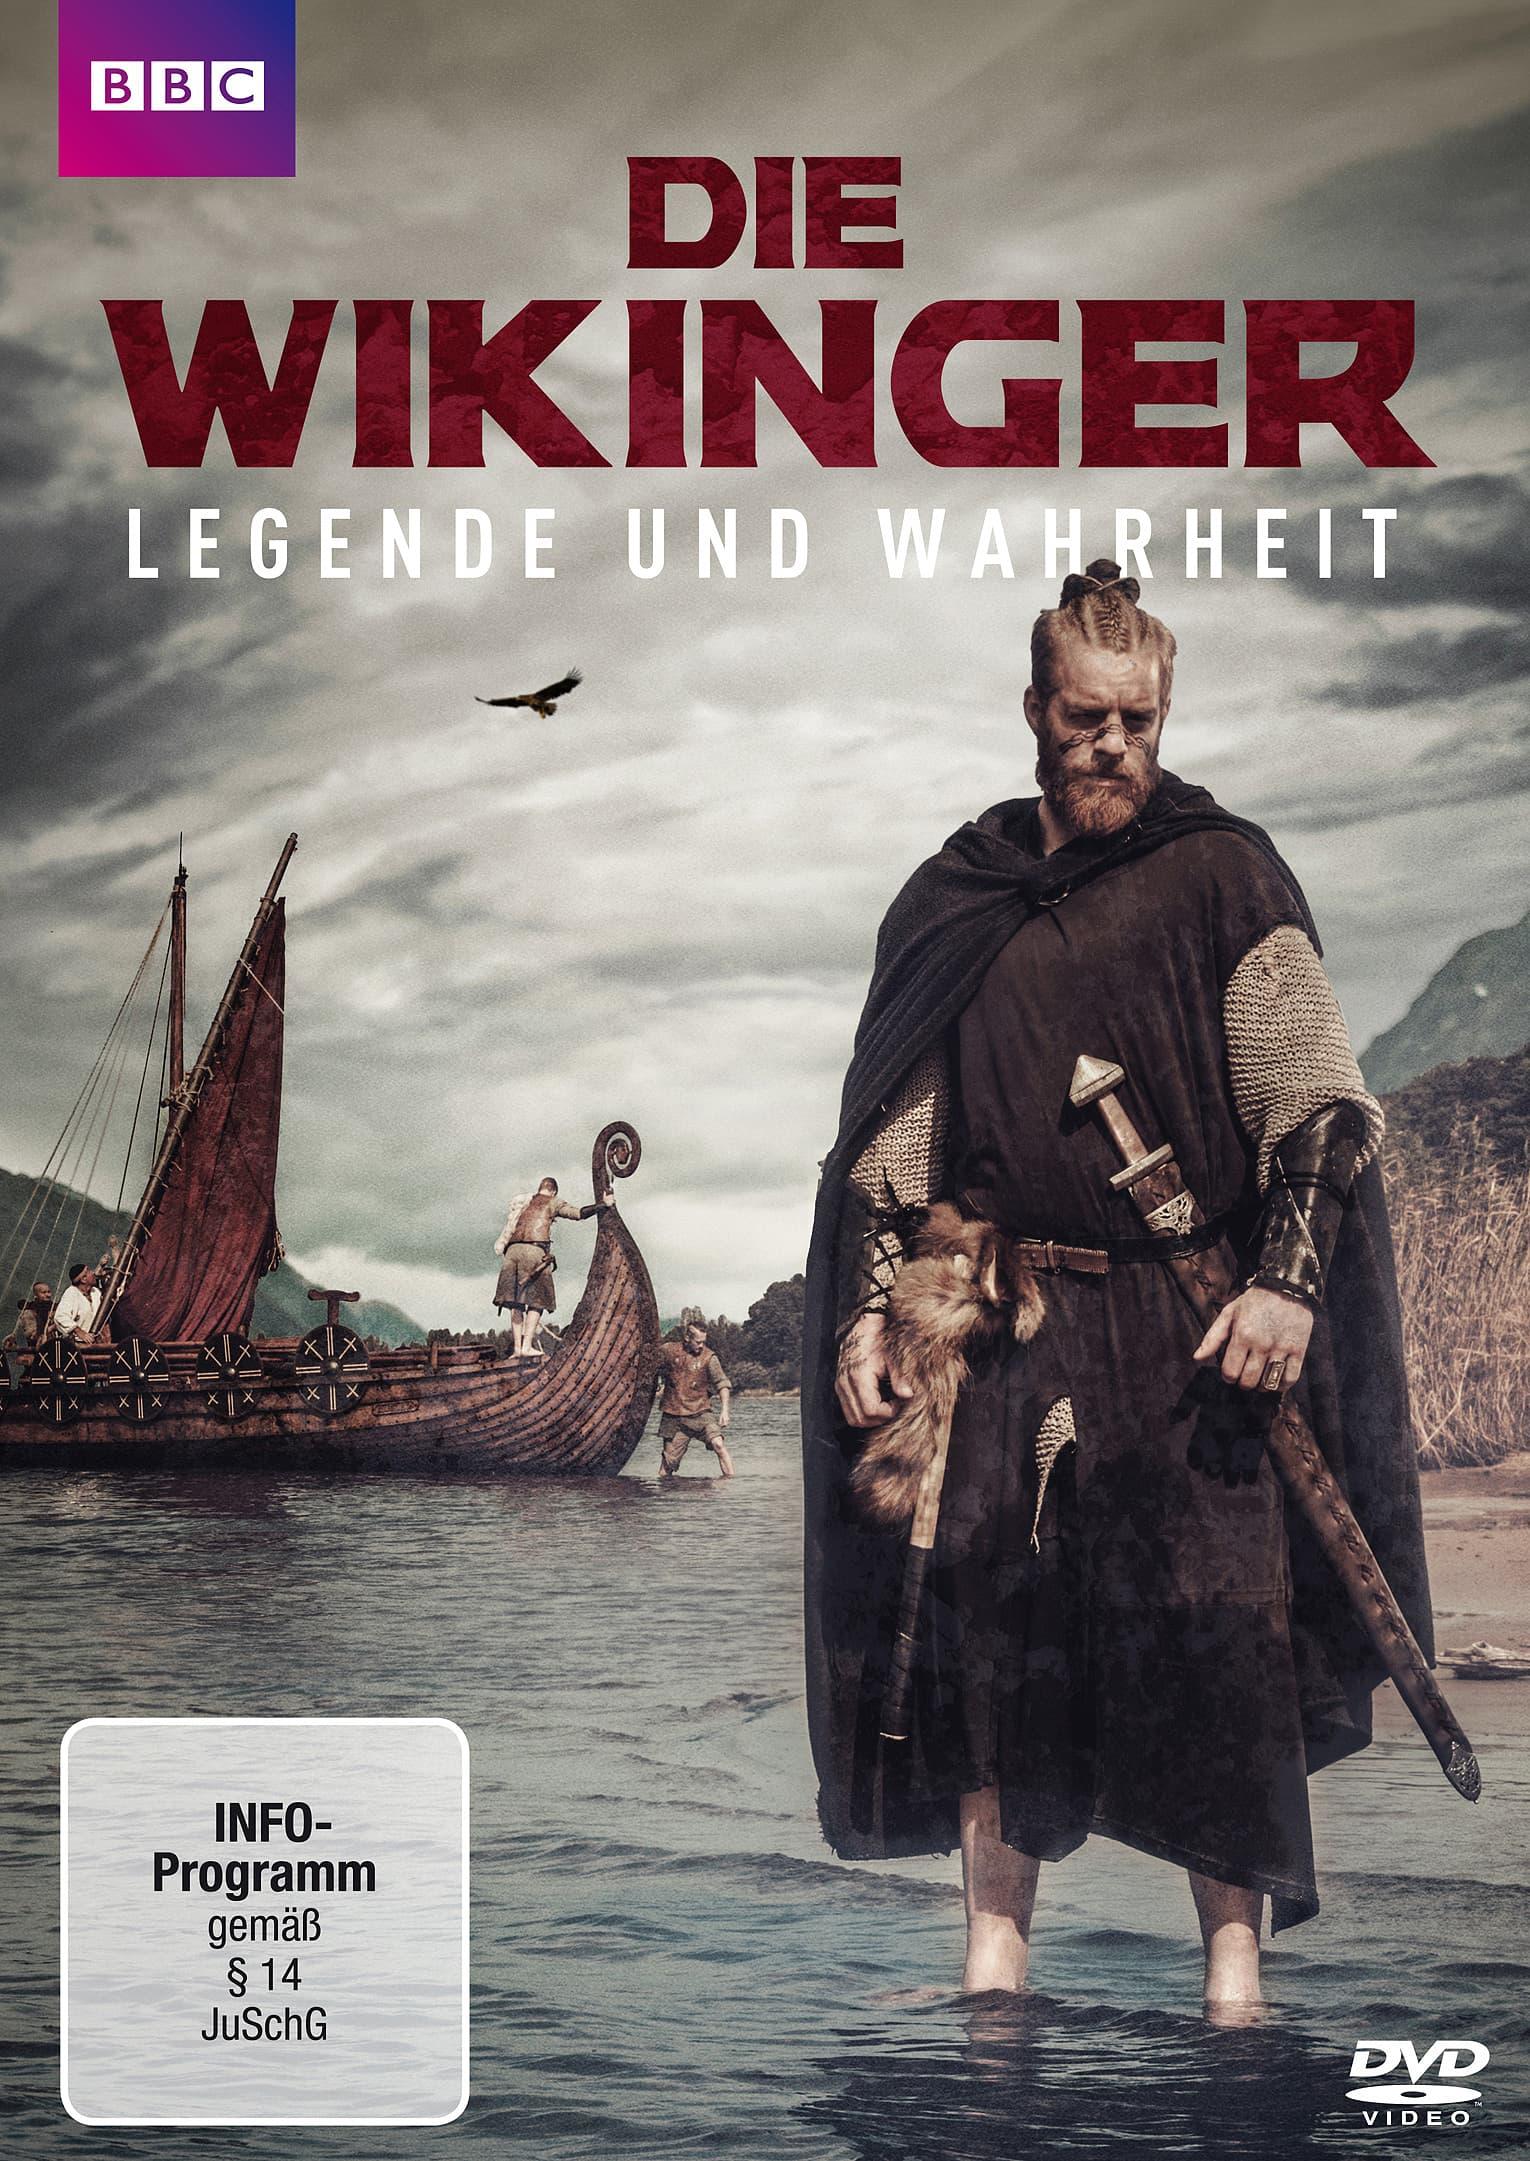 Filme über Wikinger